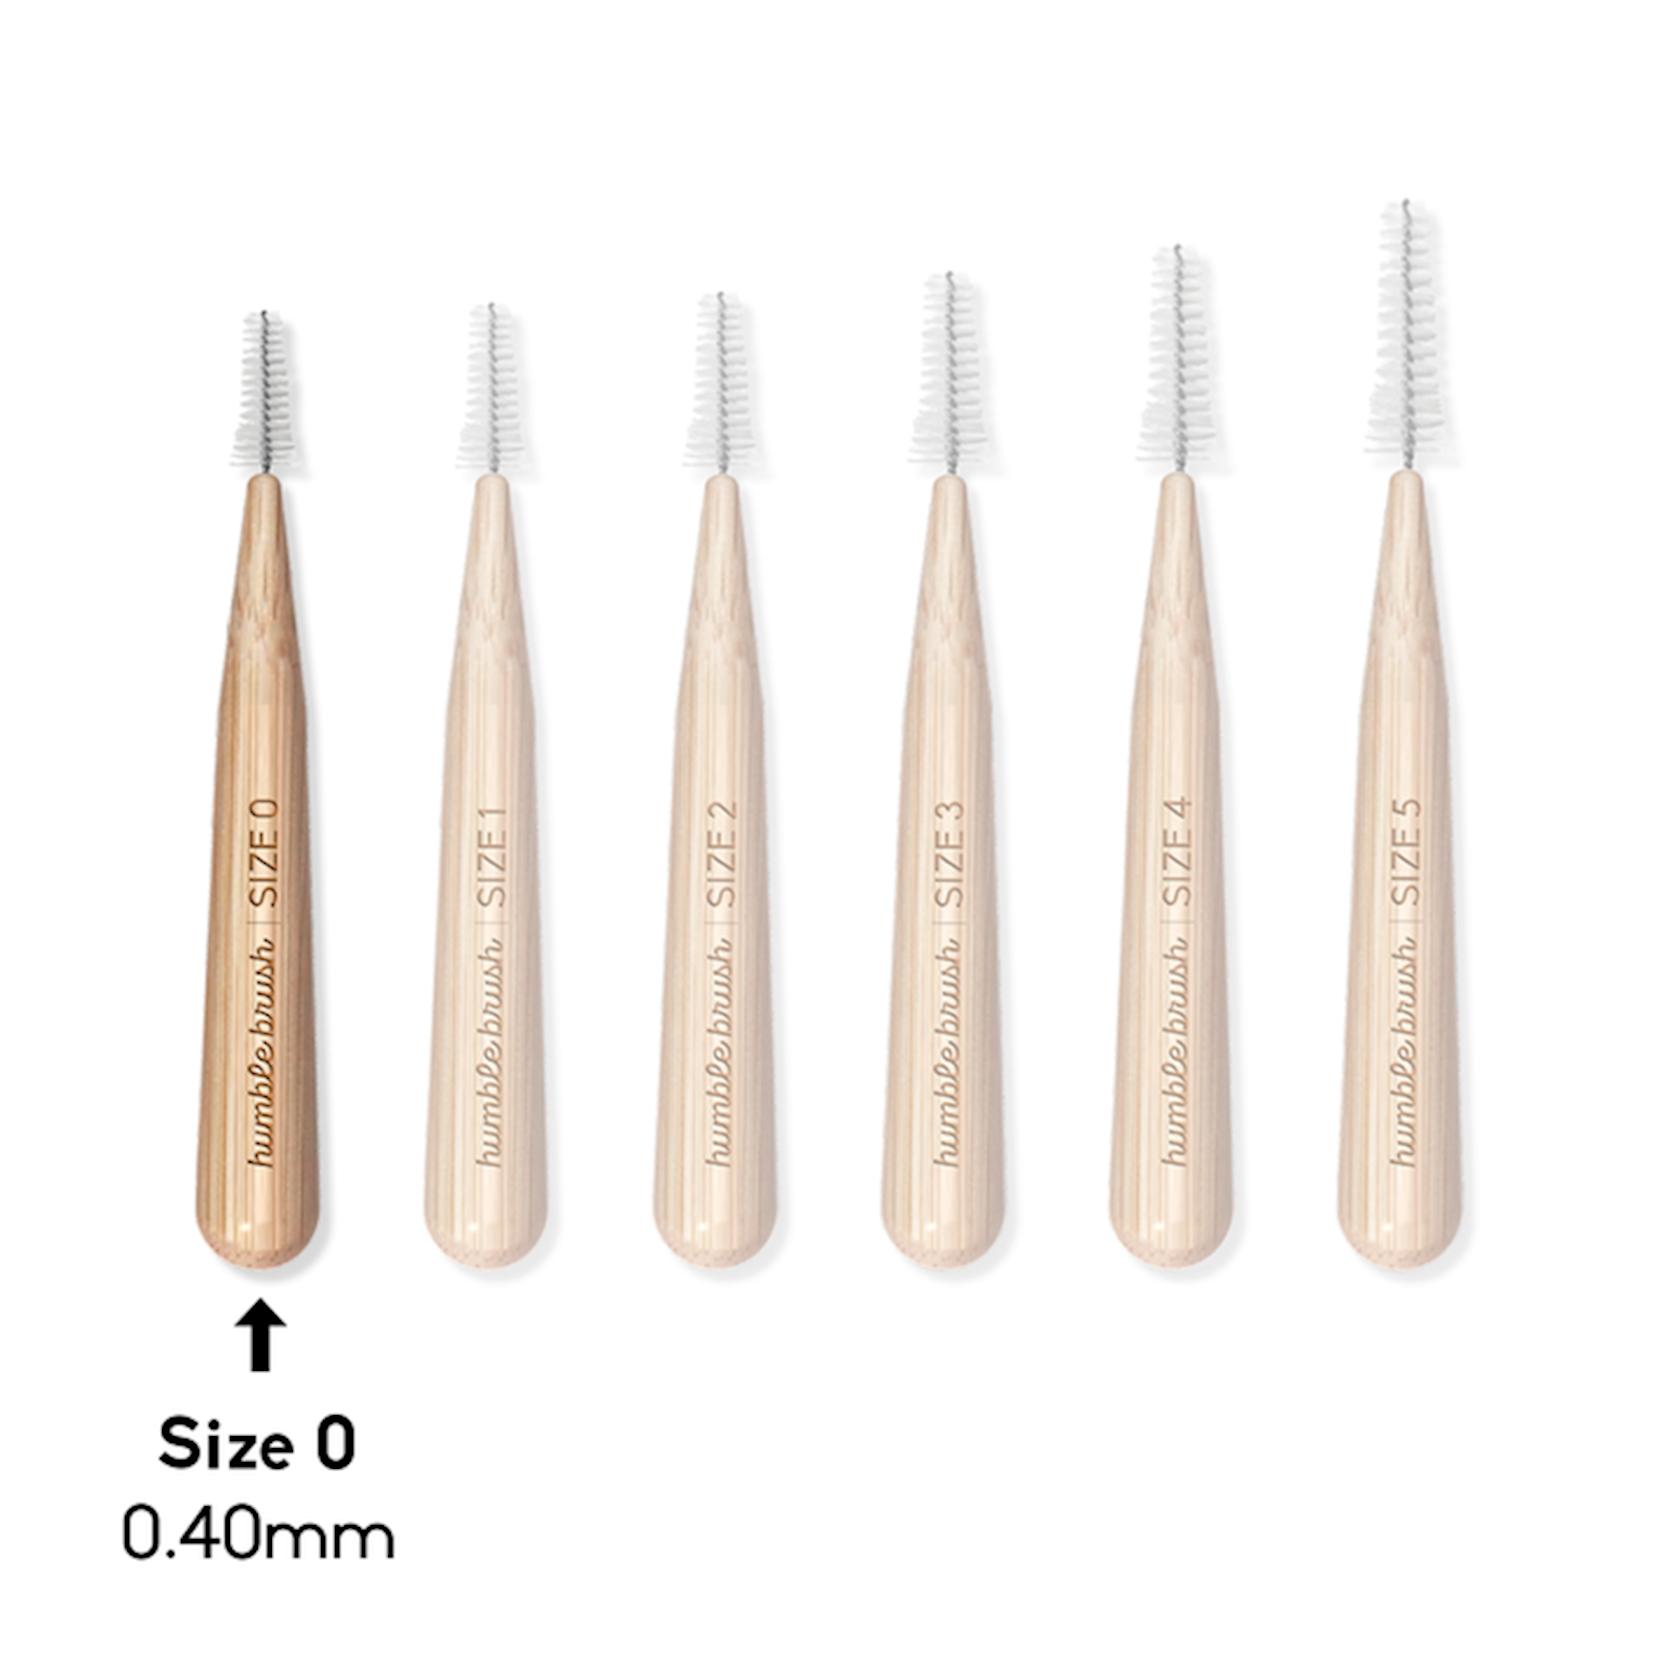 Dişarası bambuk fırçası Humble Co, 0, 4 mm, 6 ədəd